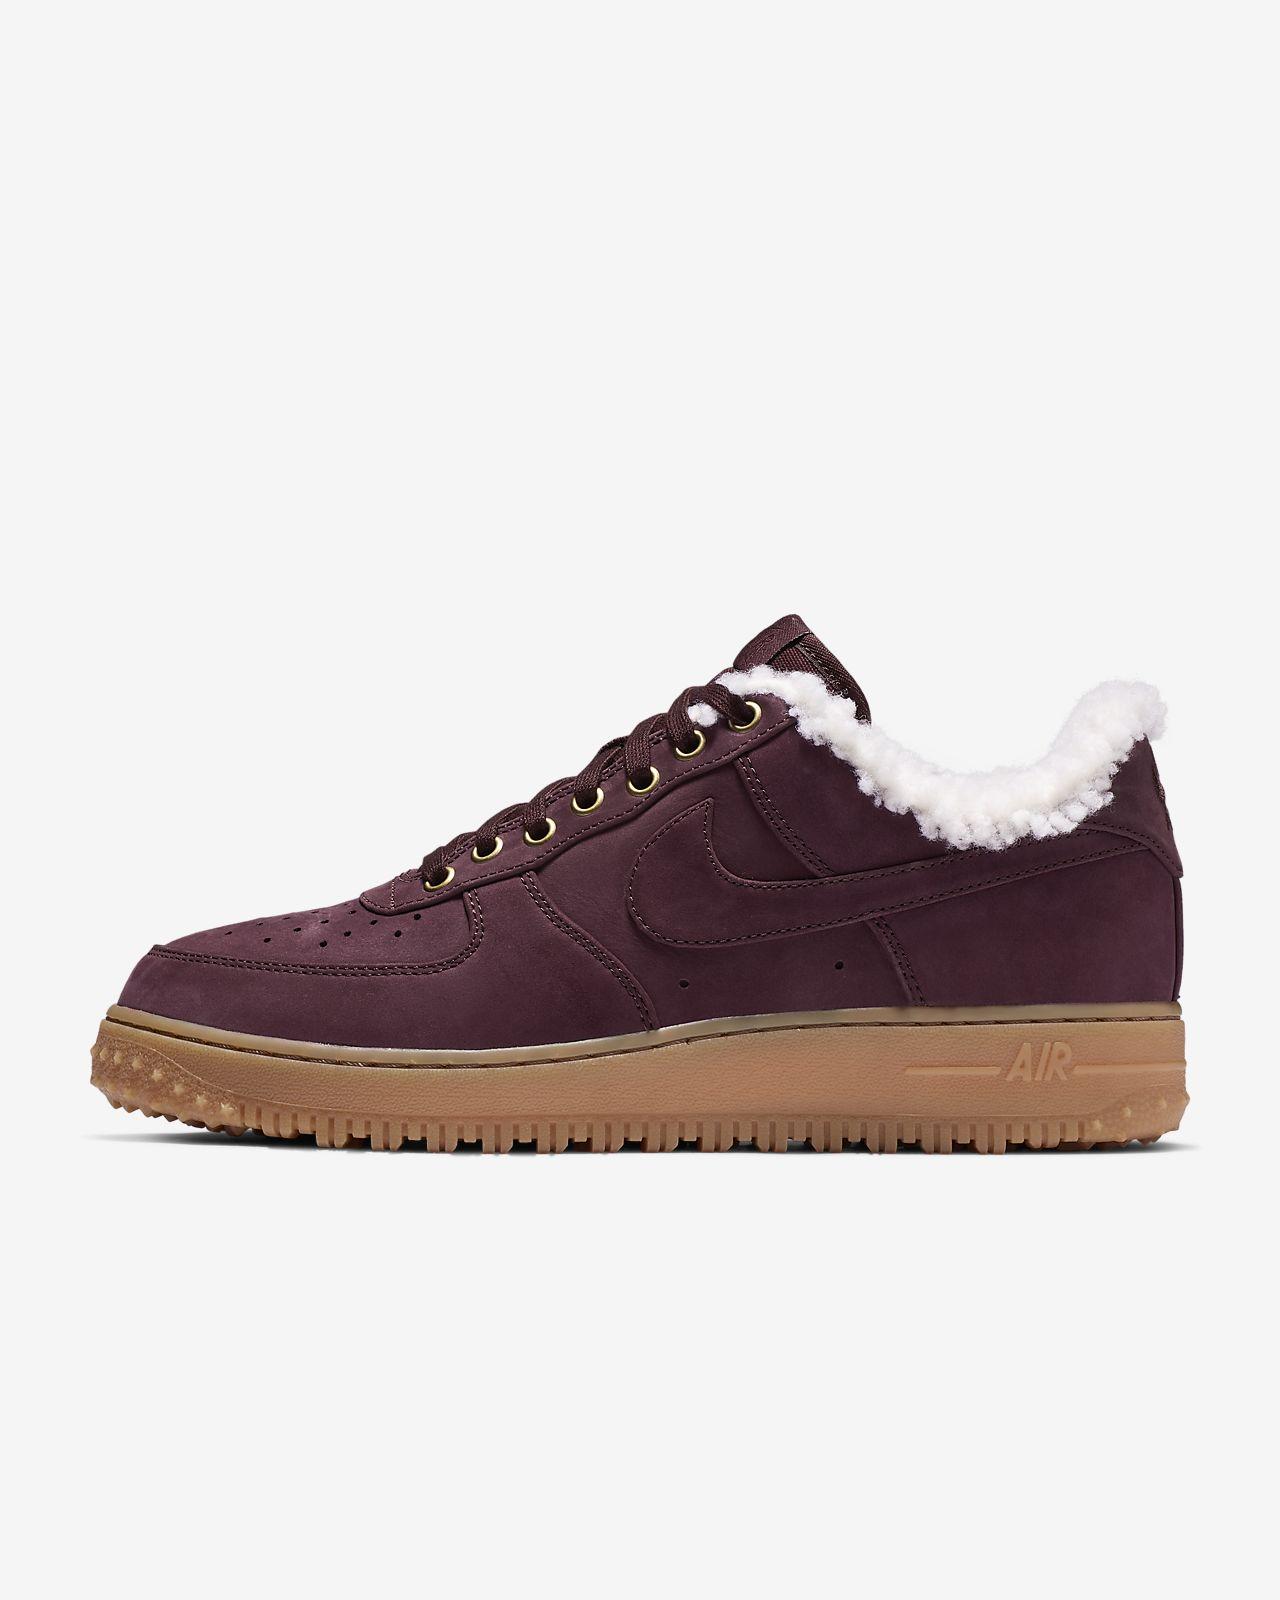 Nike Winter Homme Chaussure Air Force 1 Premium Pour N0wOPk8nX